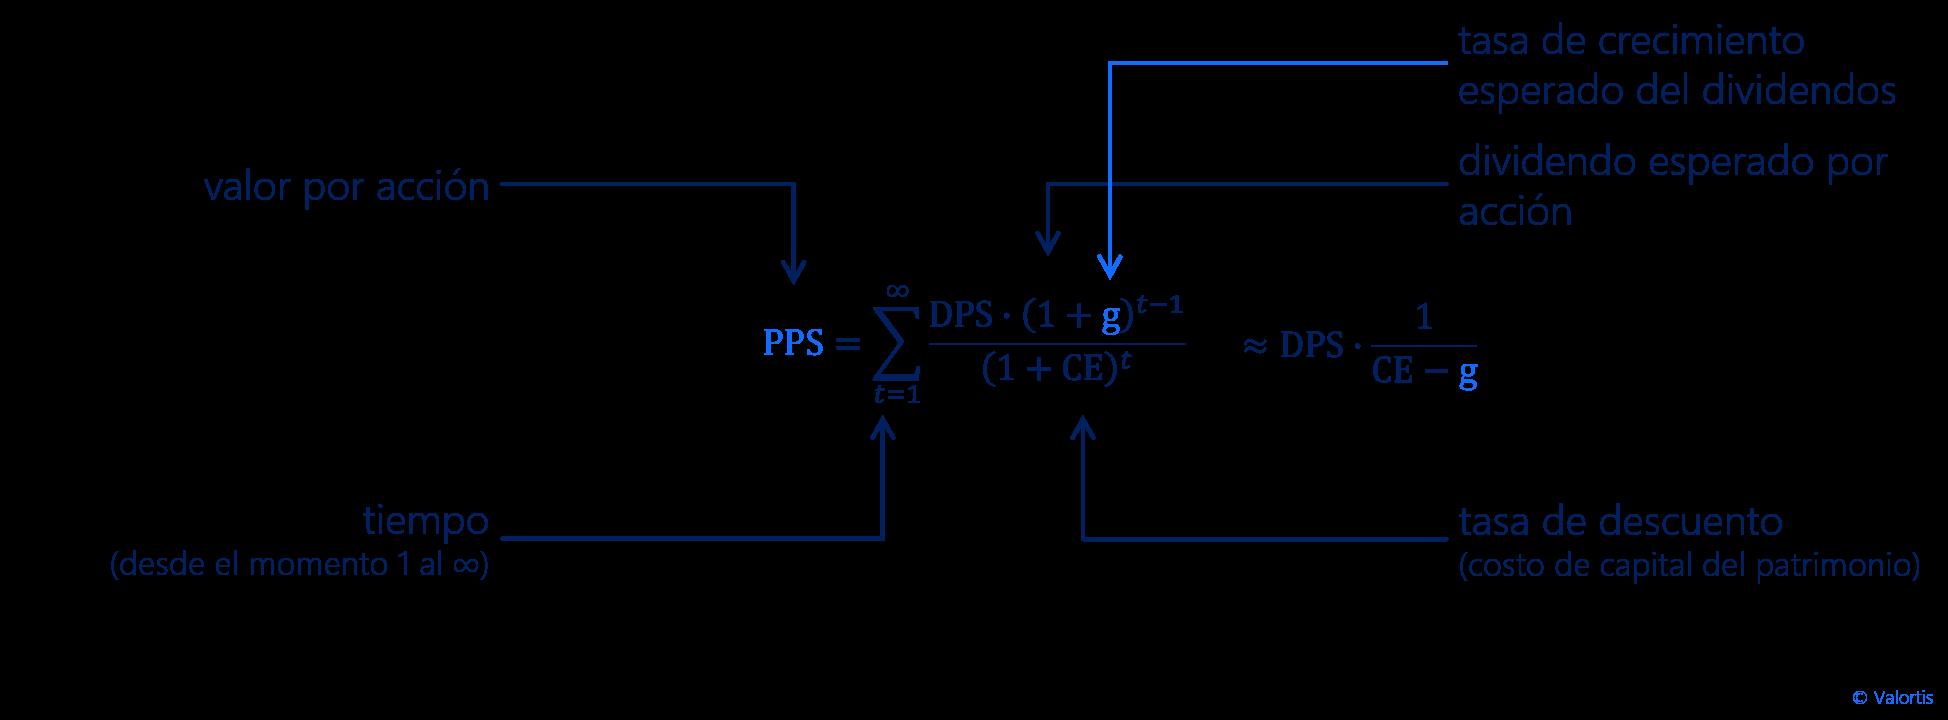 formula - gordon growth model